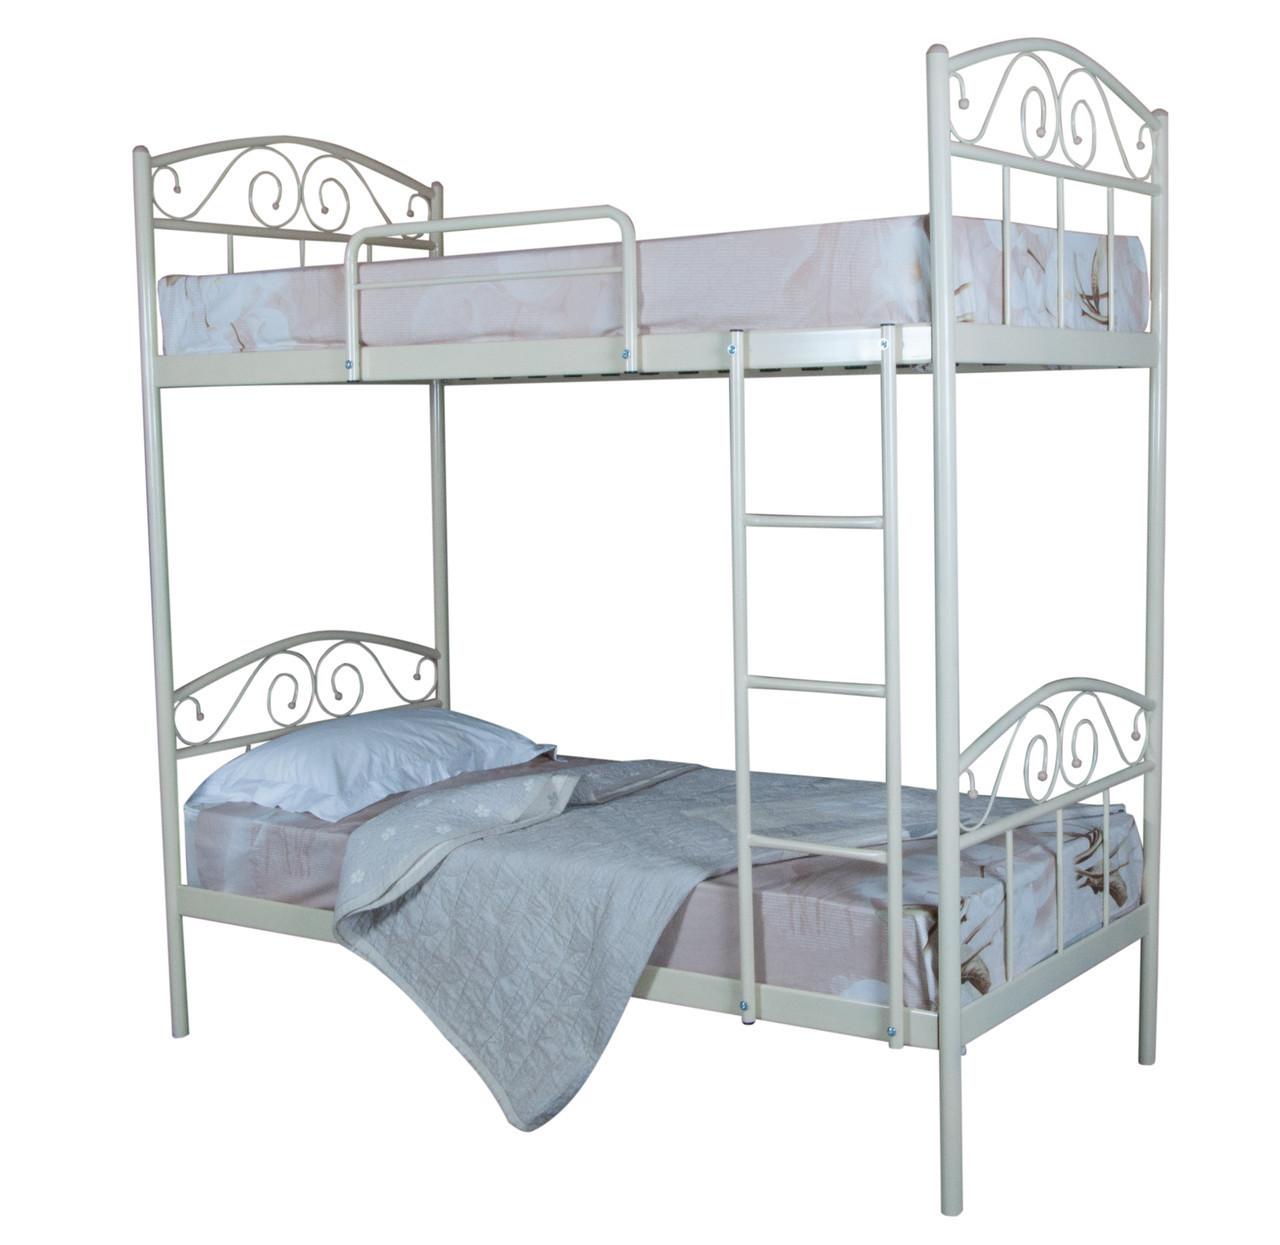 Кровать Элис Люкс двухъярусная 200х90, коричневая